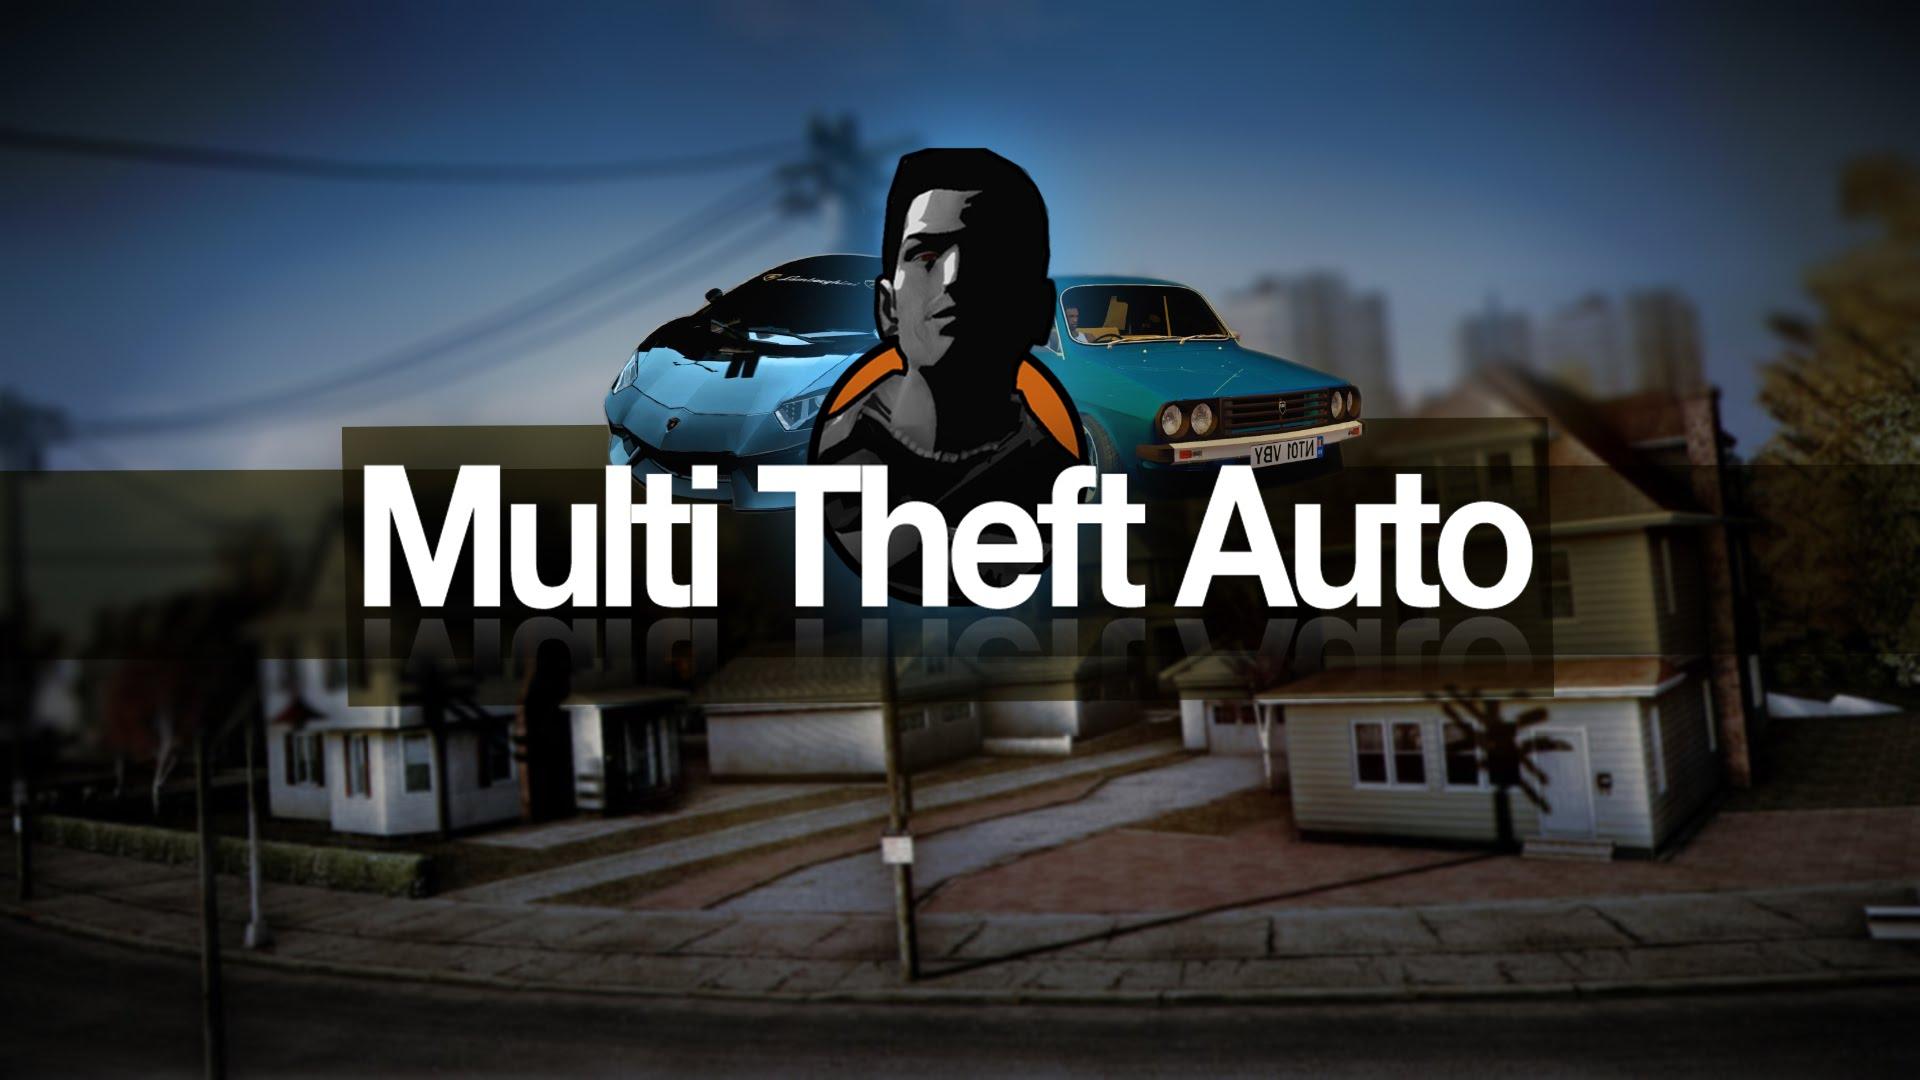 آنلاین بازی کردن GTA-SA با Mta